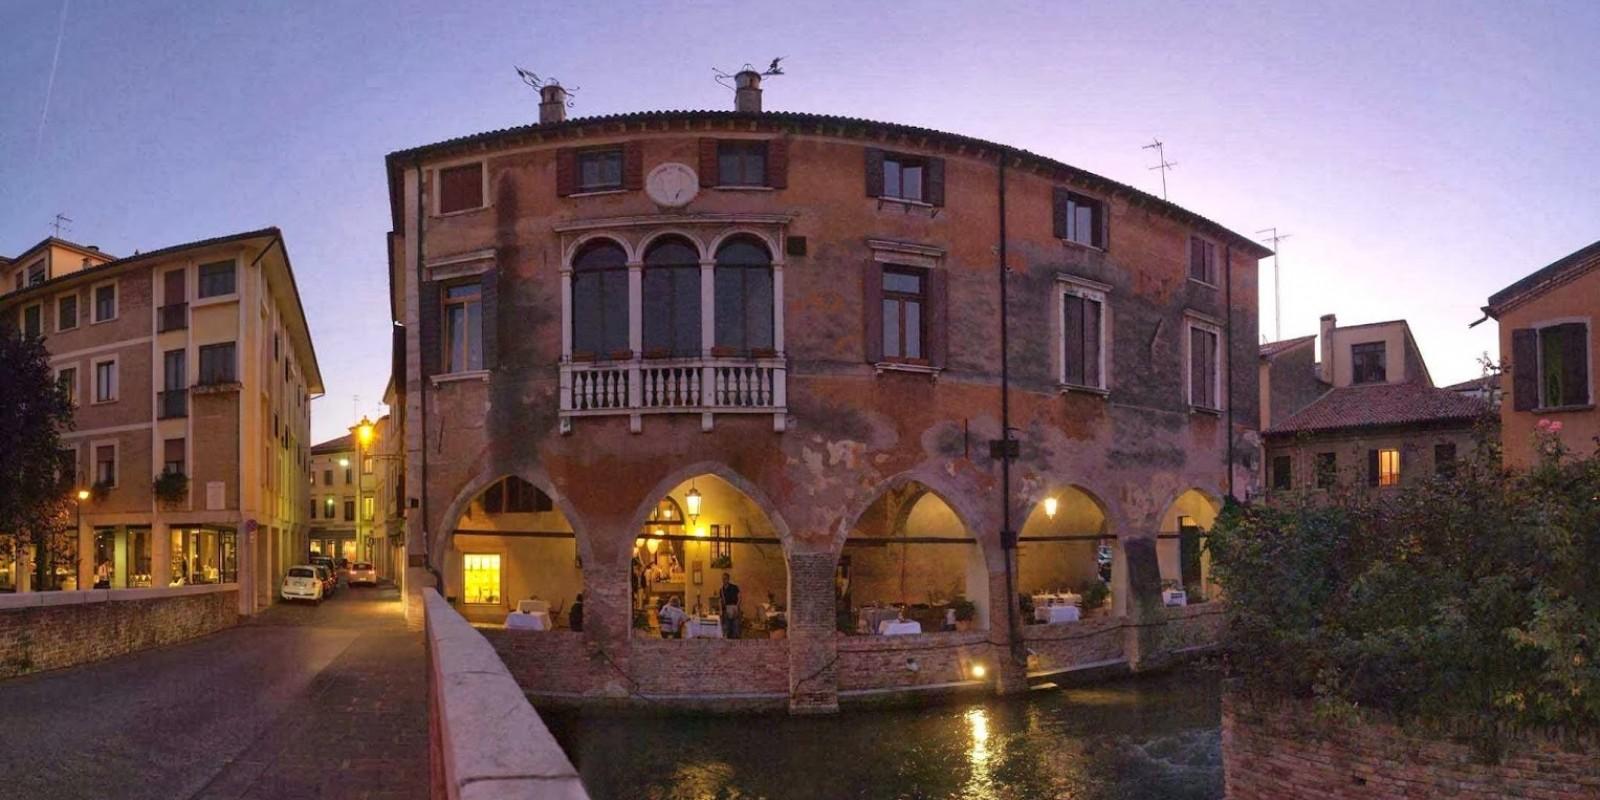 Tavoli Da Giardino Treviso.A A A Cercansi Tavolo Vista Sile Ecco Dove In Centro A Treviso